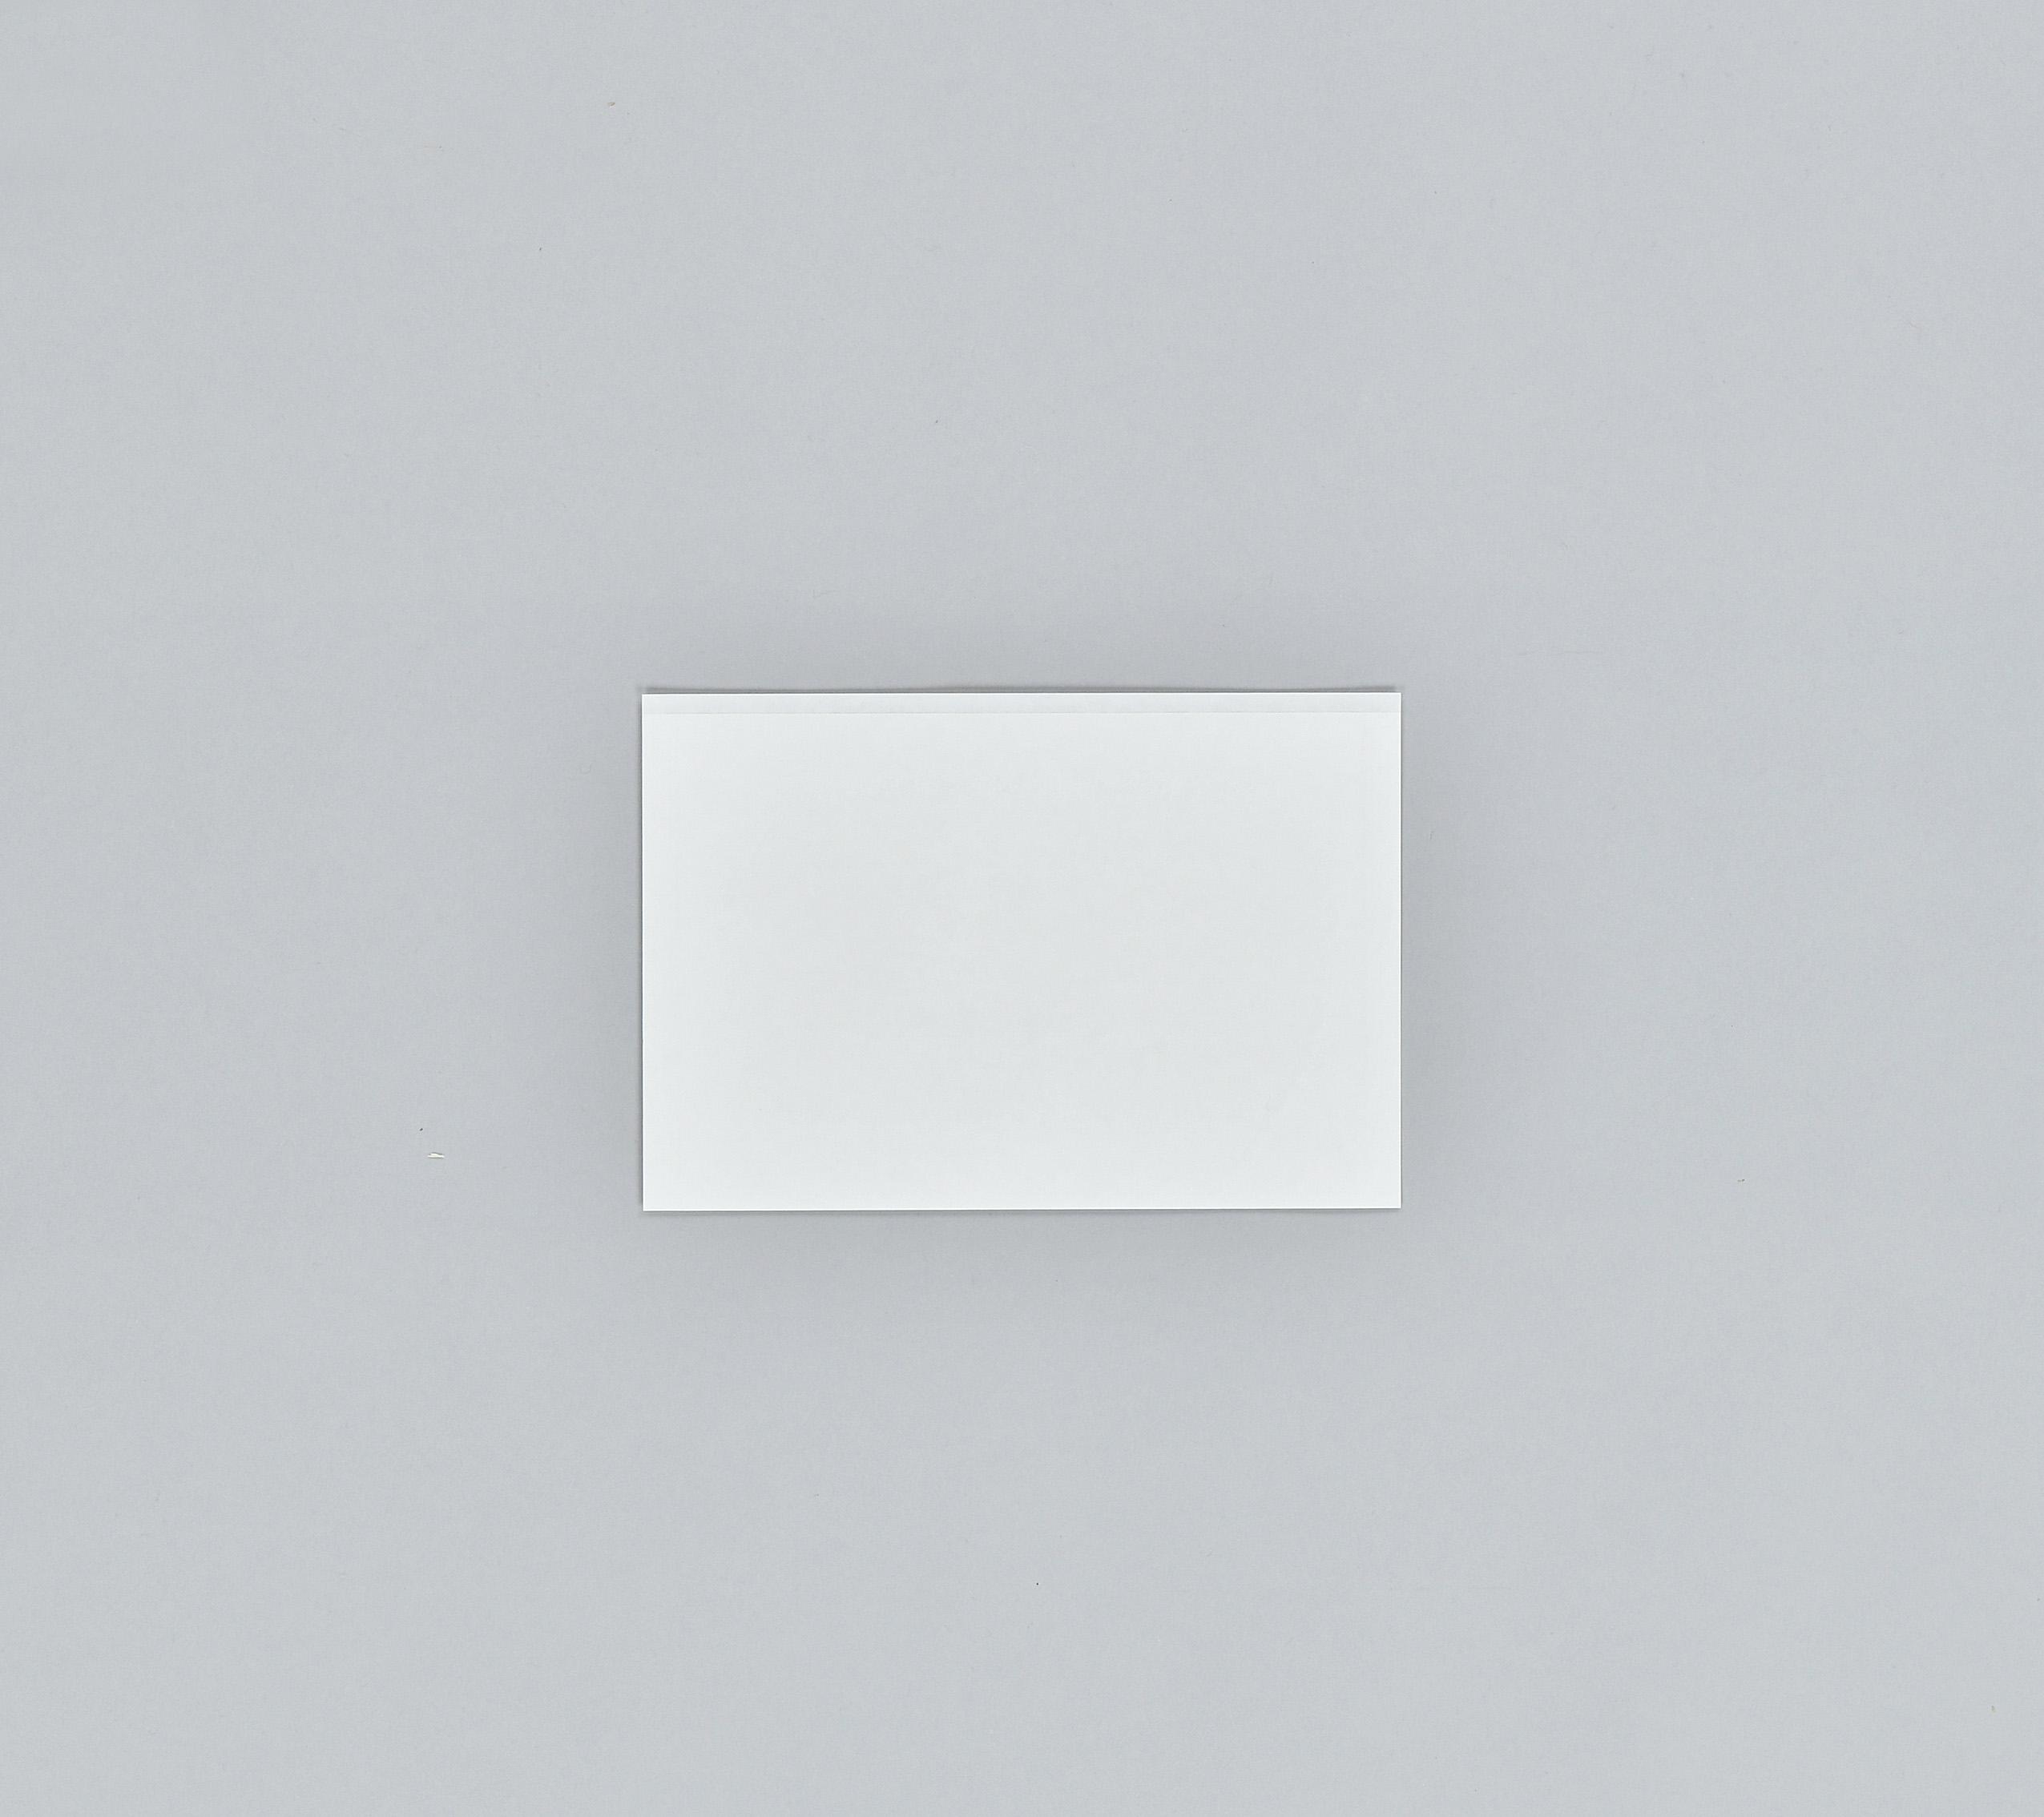 テイクアウト ラミパック No.30 無地 (5000枚/ケース)バイキング 軽食用包材 包装資材 業務用